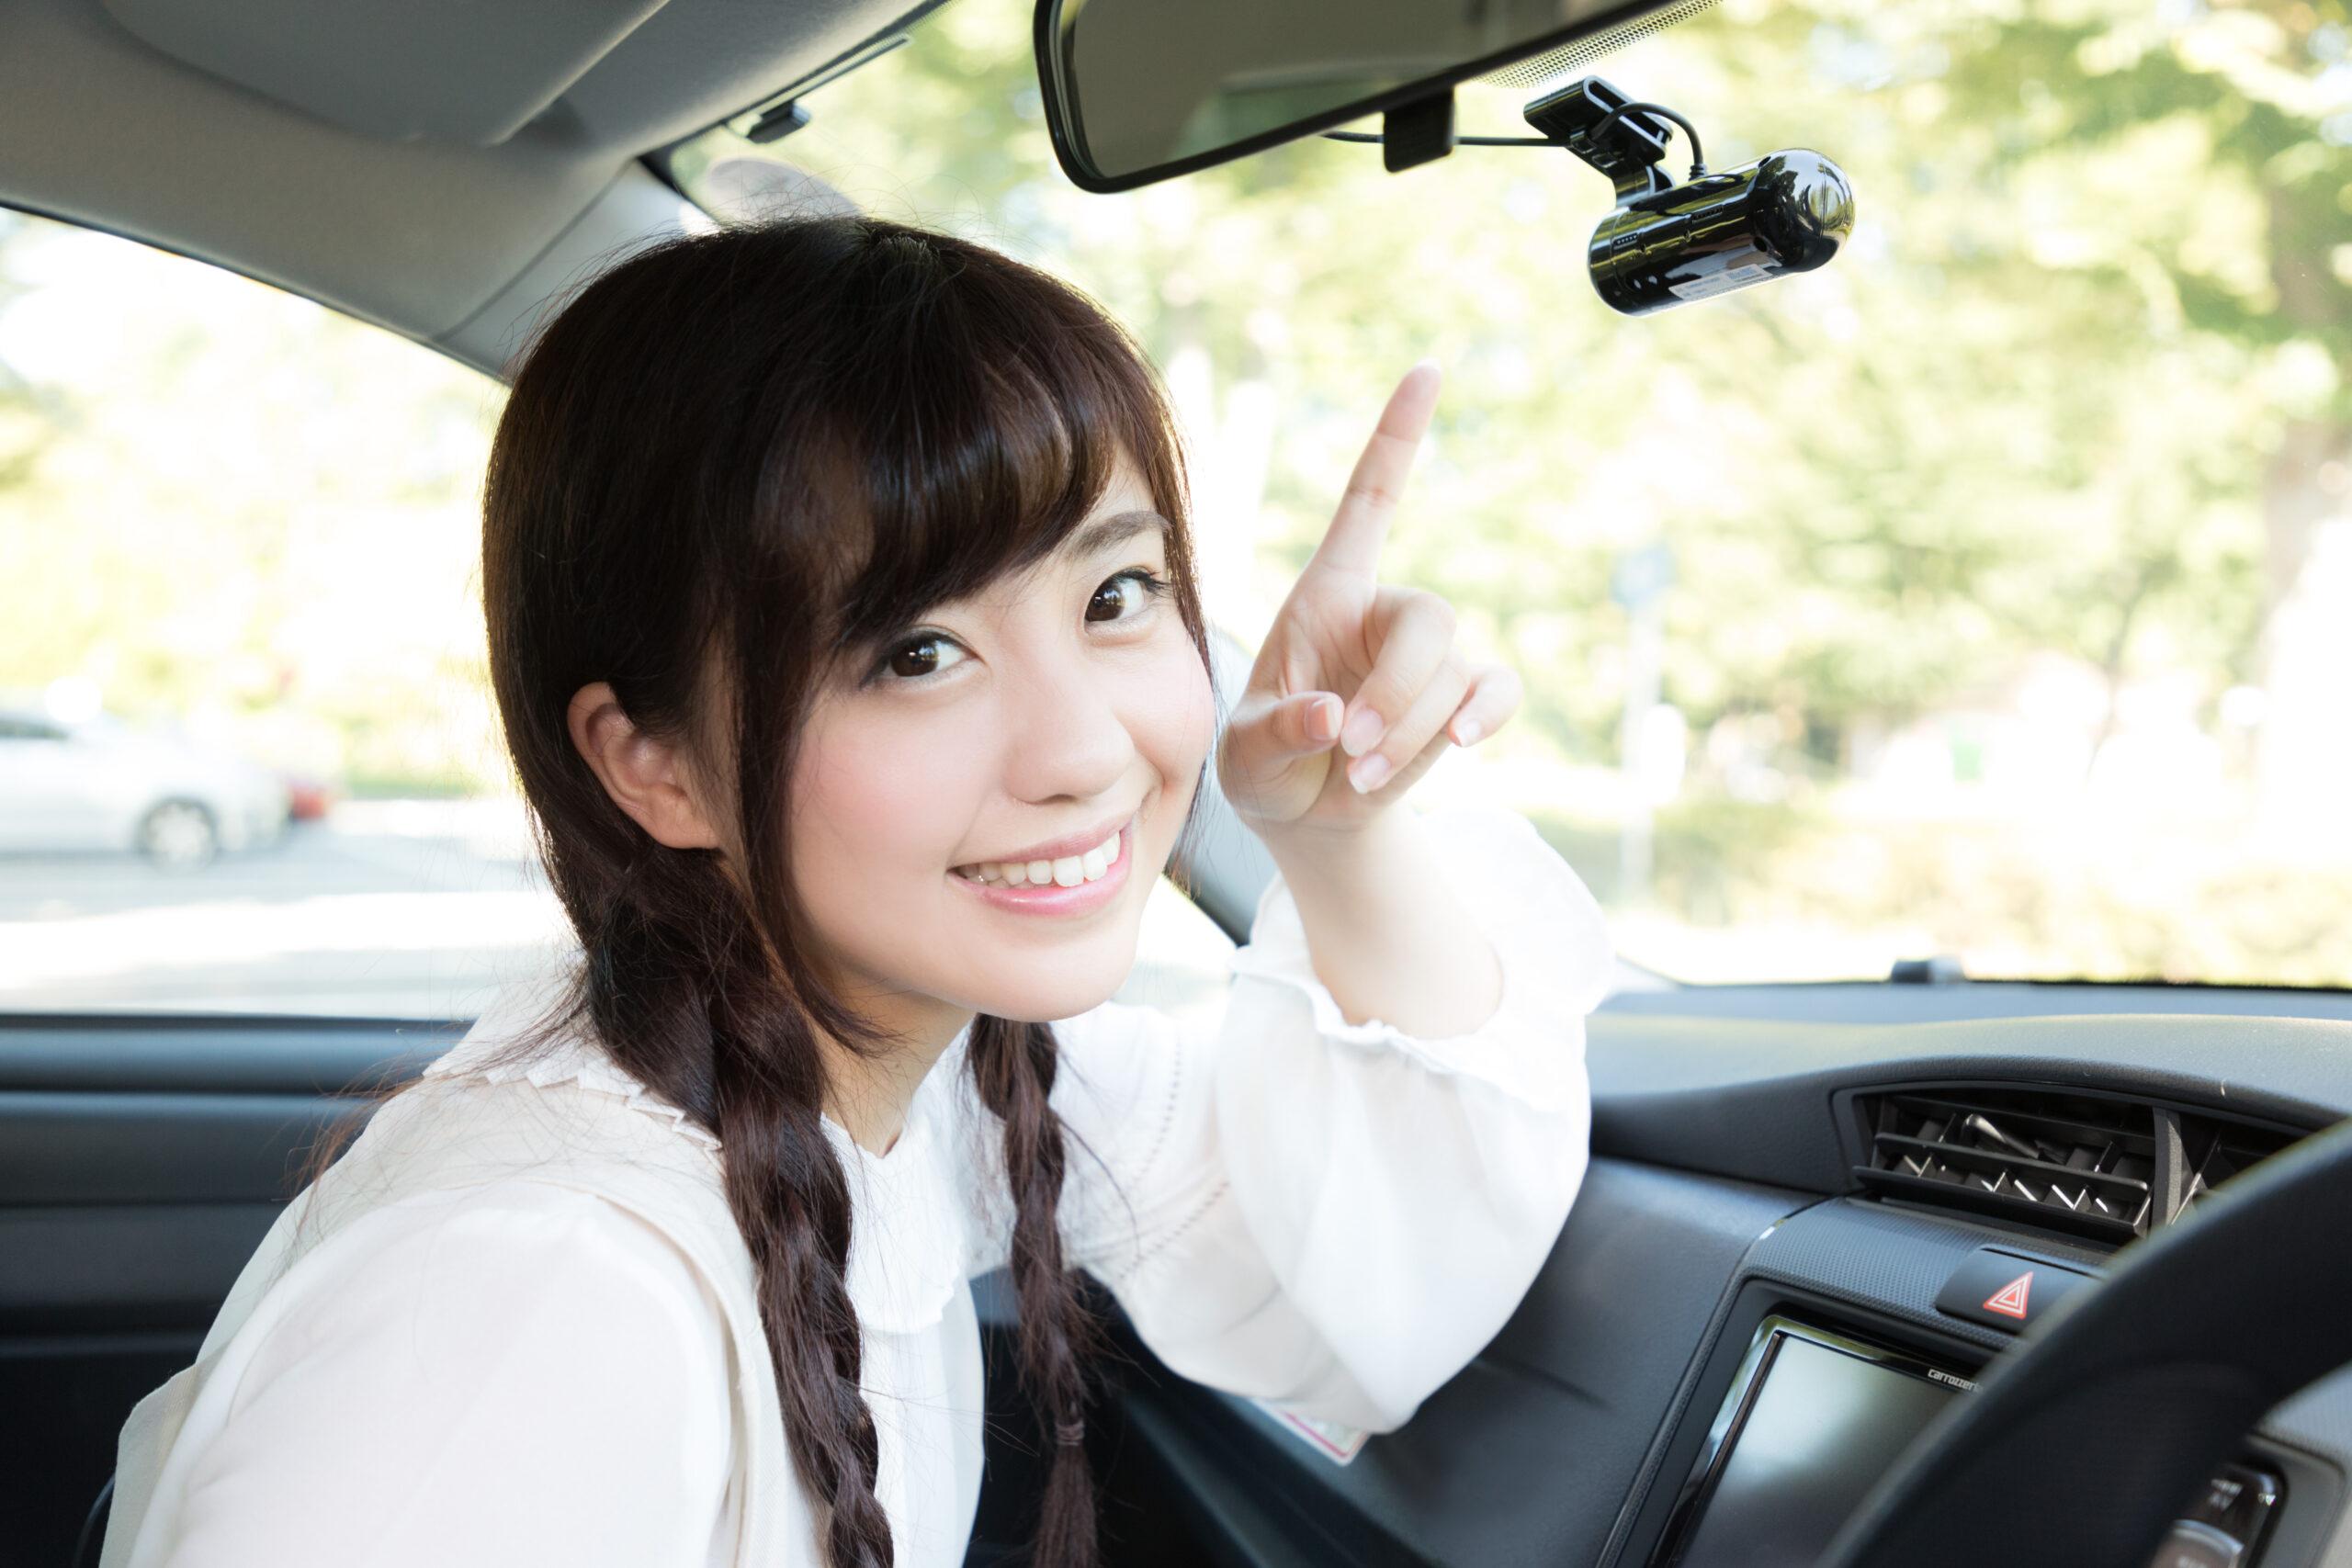 ドライブレコーダーを装着した女の子